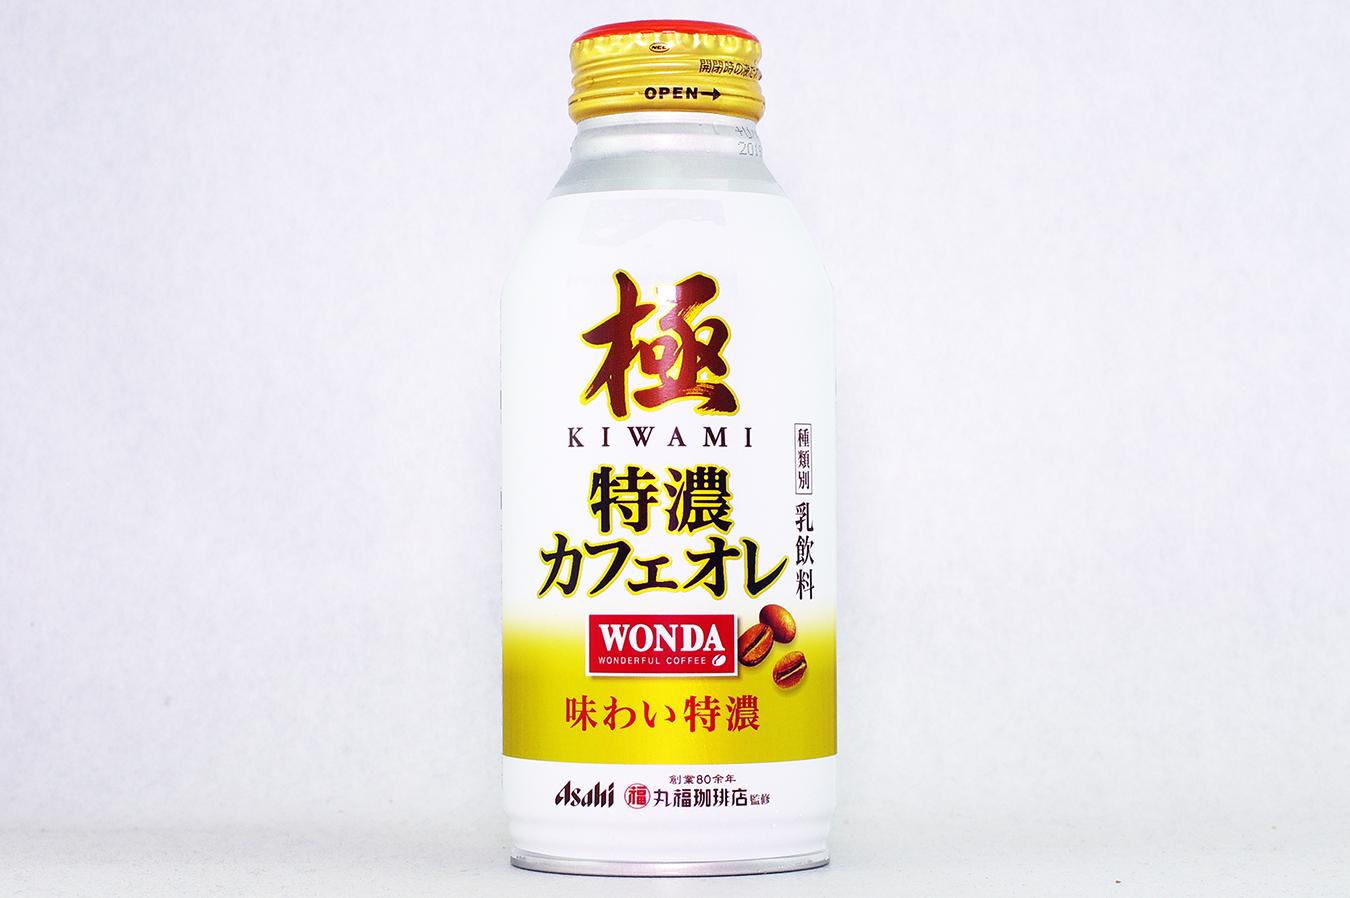 WONDA 微糖 ボトル缶370g 2018年9月